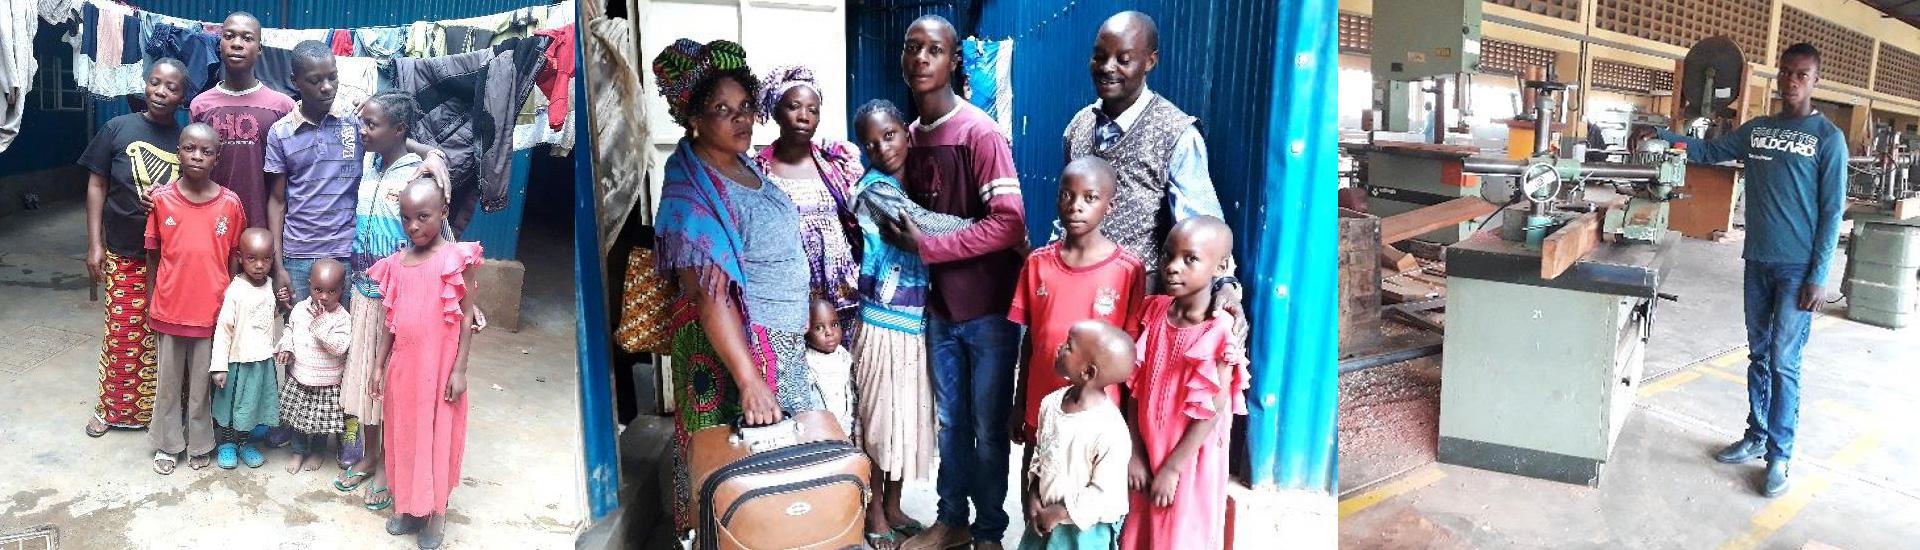 Daniel y Jean Claude, dos historias de acogida, esperanza y reunificación familiar para los niños de la calle en RD Congo